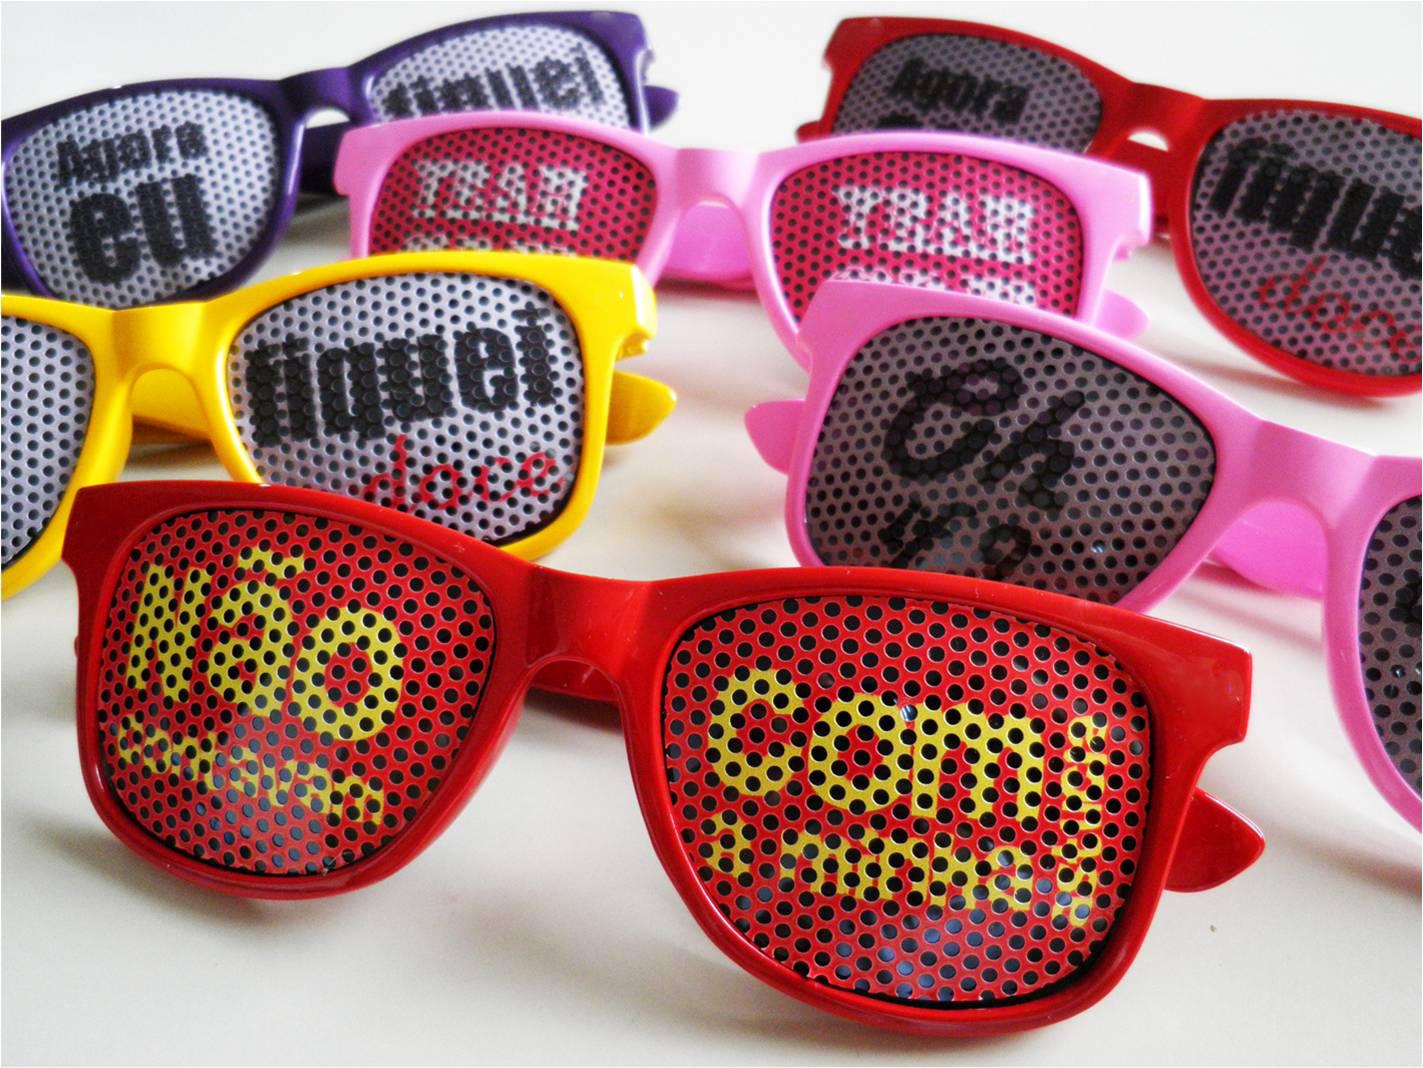 c137ff94f871b Óculos Personalizado Coloridos Lente no Elo7